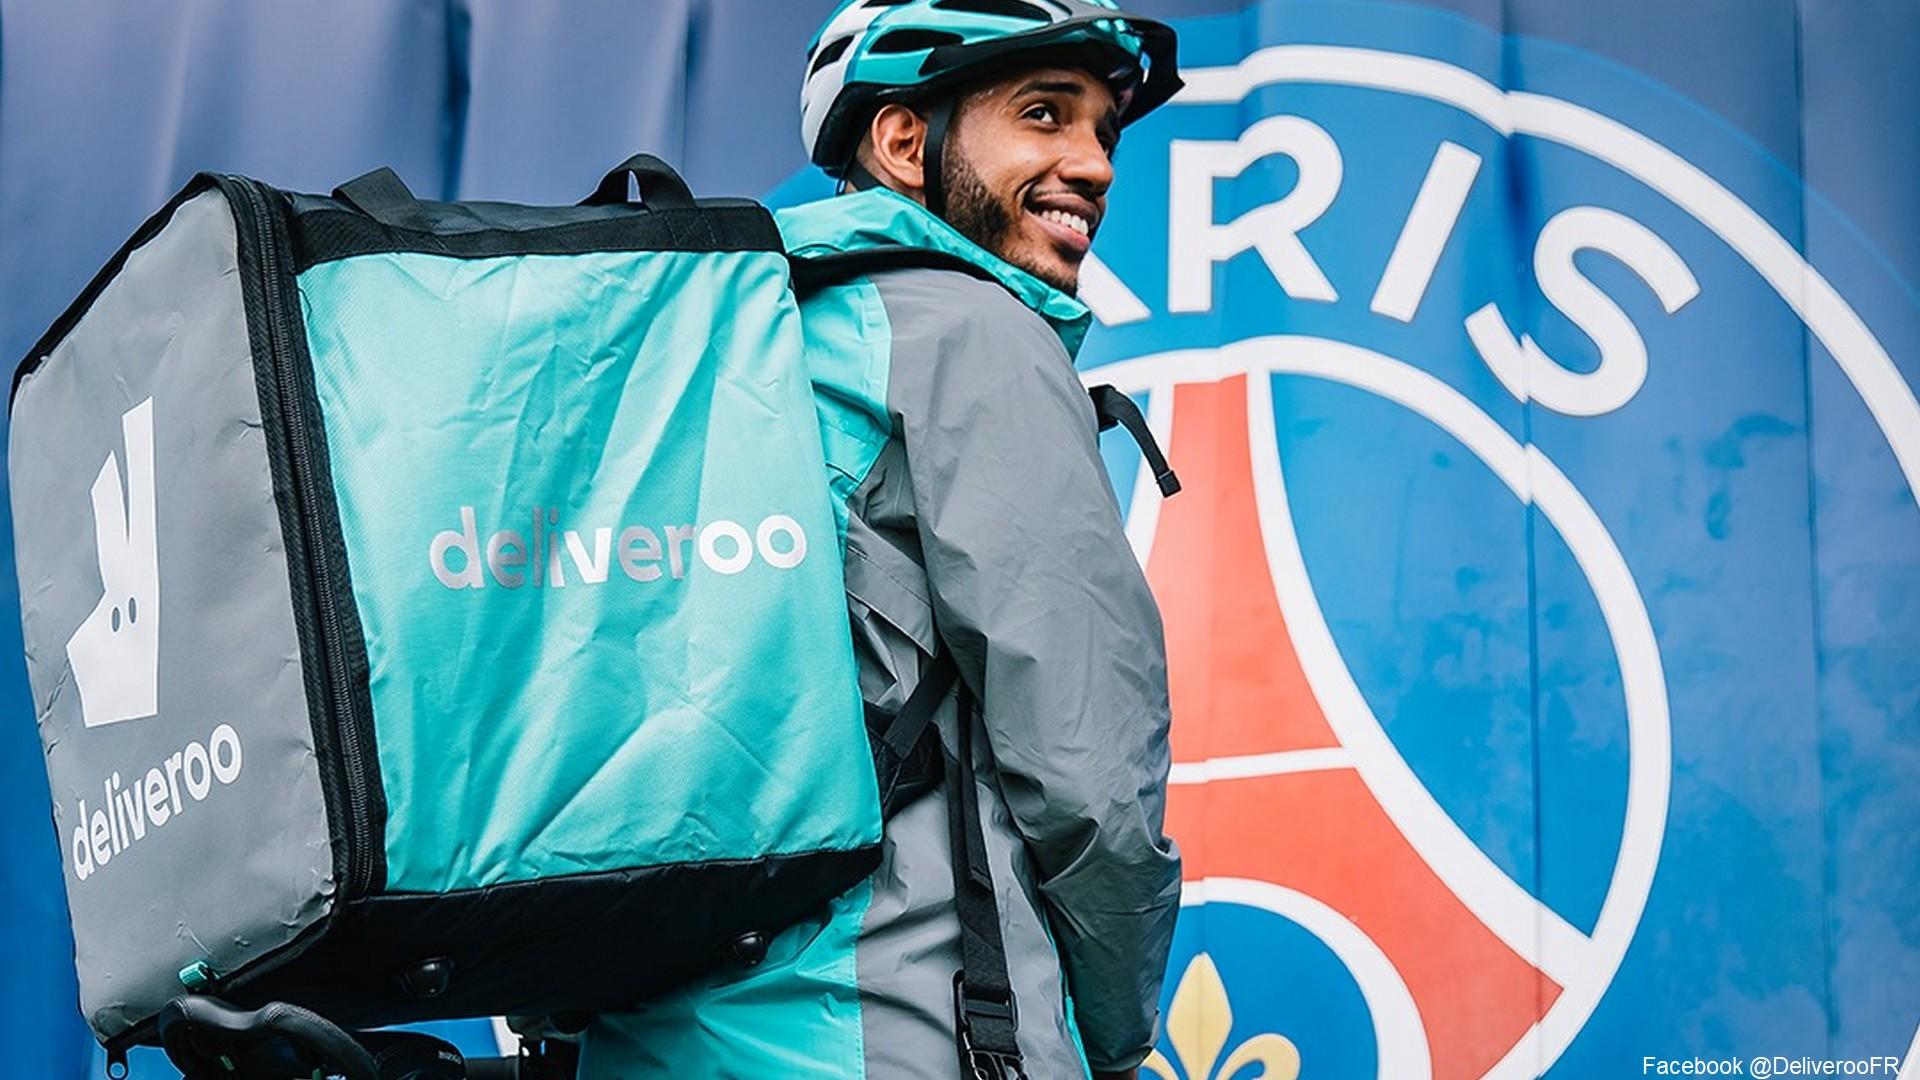 deliveroo x Paris SG (football) (1) 2020